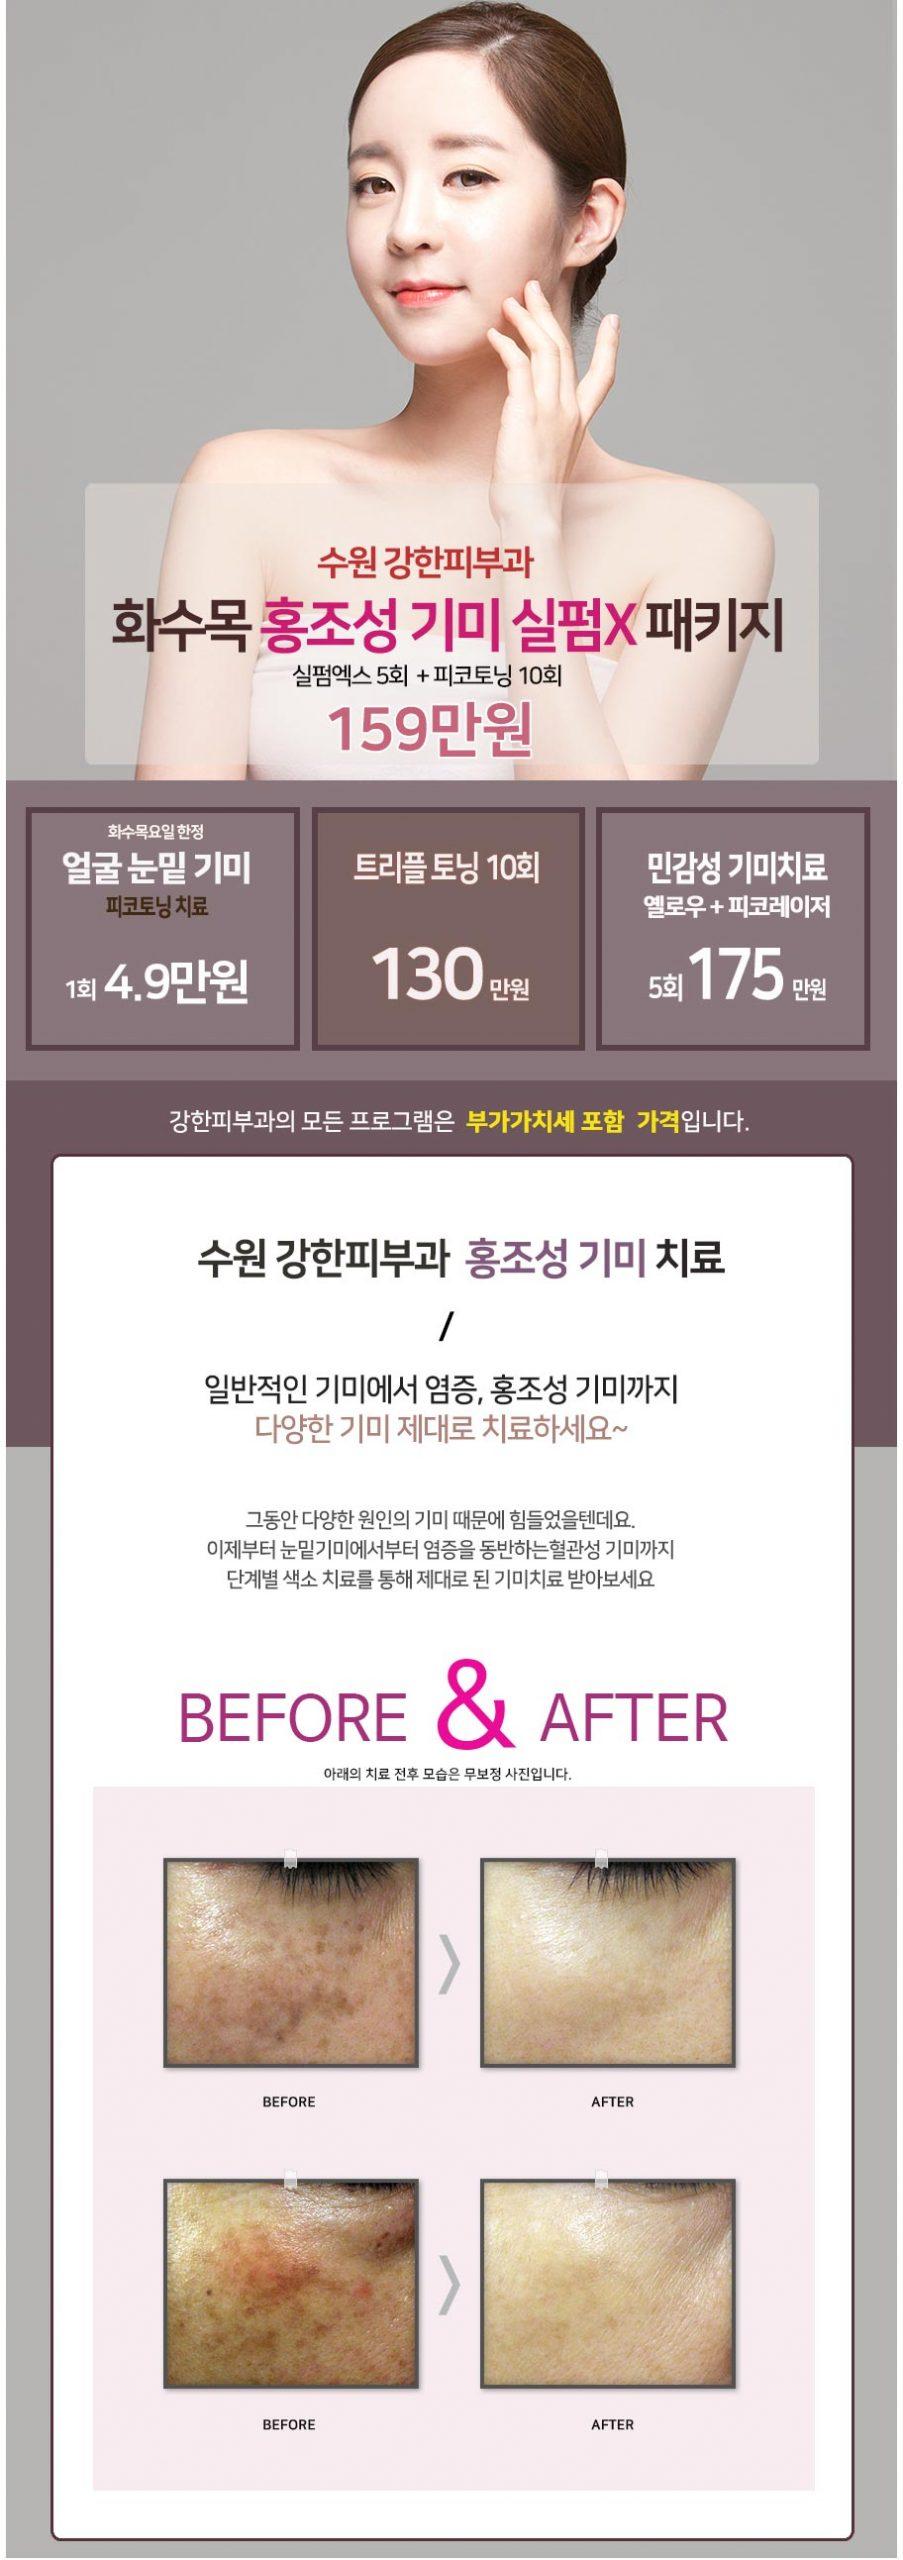 수원 홍조성 기미 치료